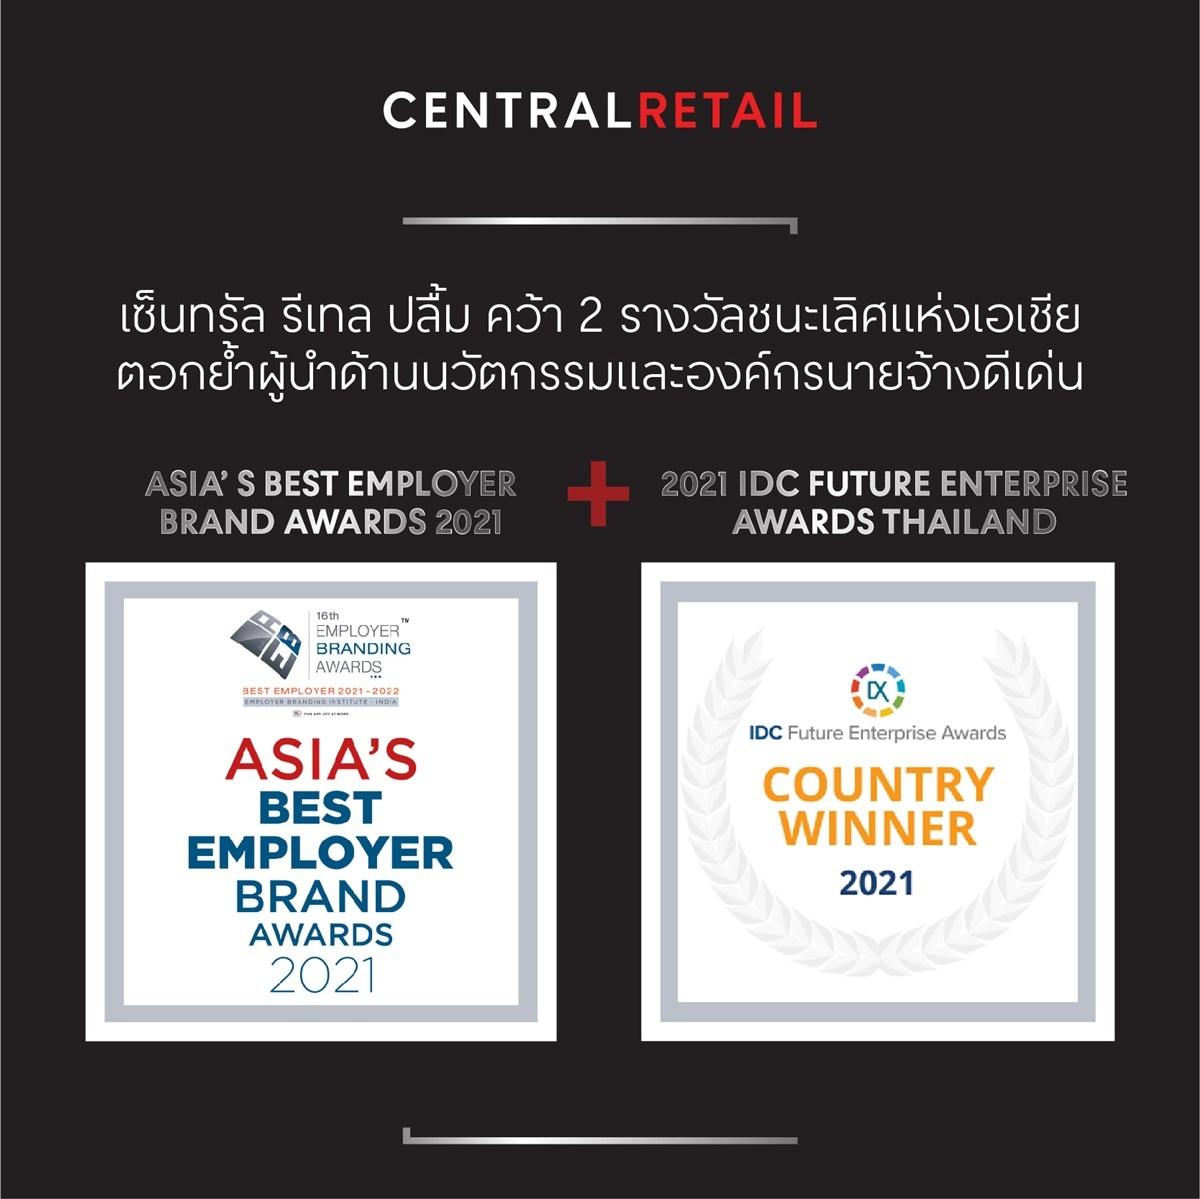 เซ็นทรัล รีเทล ปลื้ม คว้า 2 รางวัลชนะเลิศแห่งเอเชีย ตอกย้ำผู้นำด้านนวัตกรรมและองค์กรนายจ้างดีเด่น